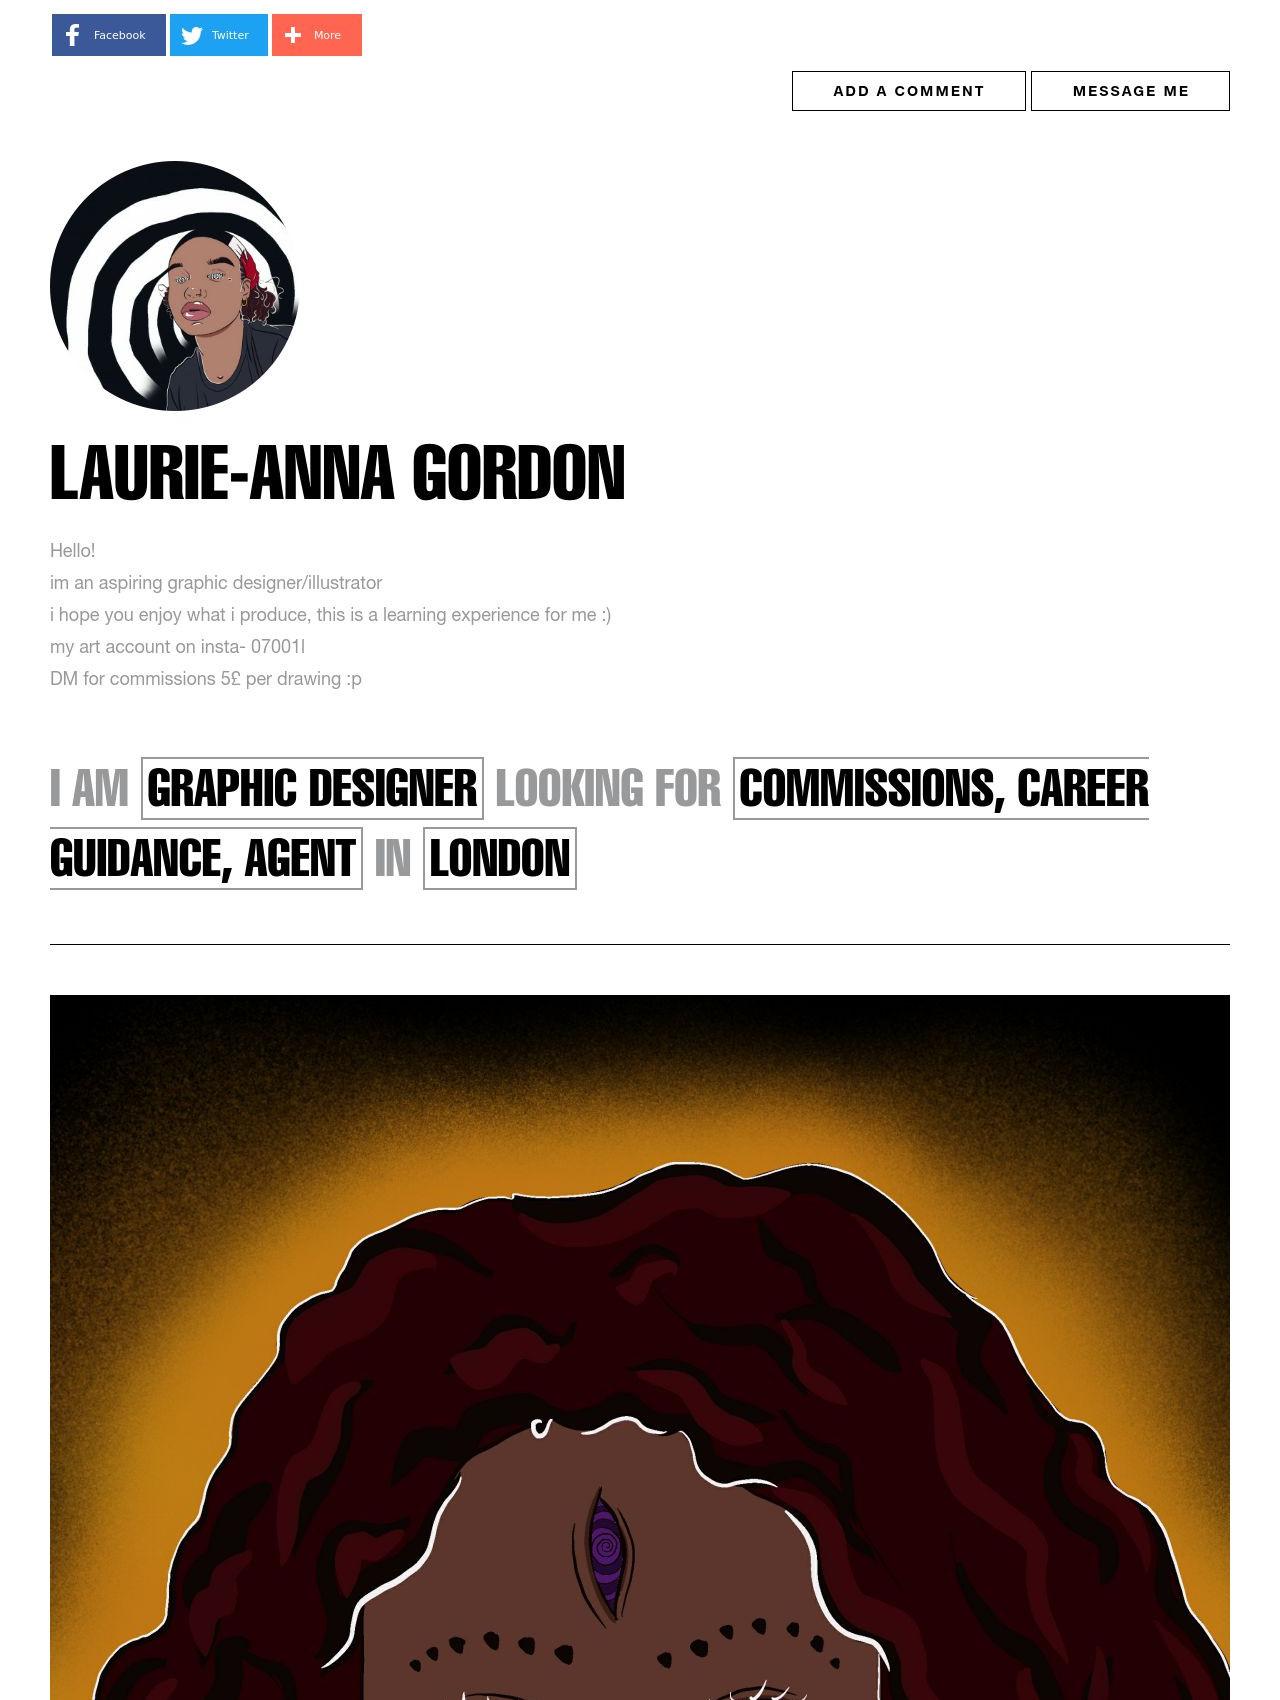 Laurie-Anna Gordon